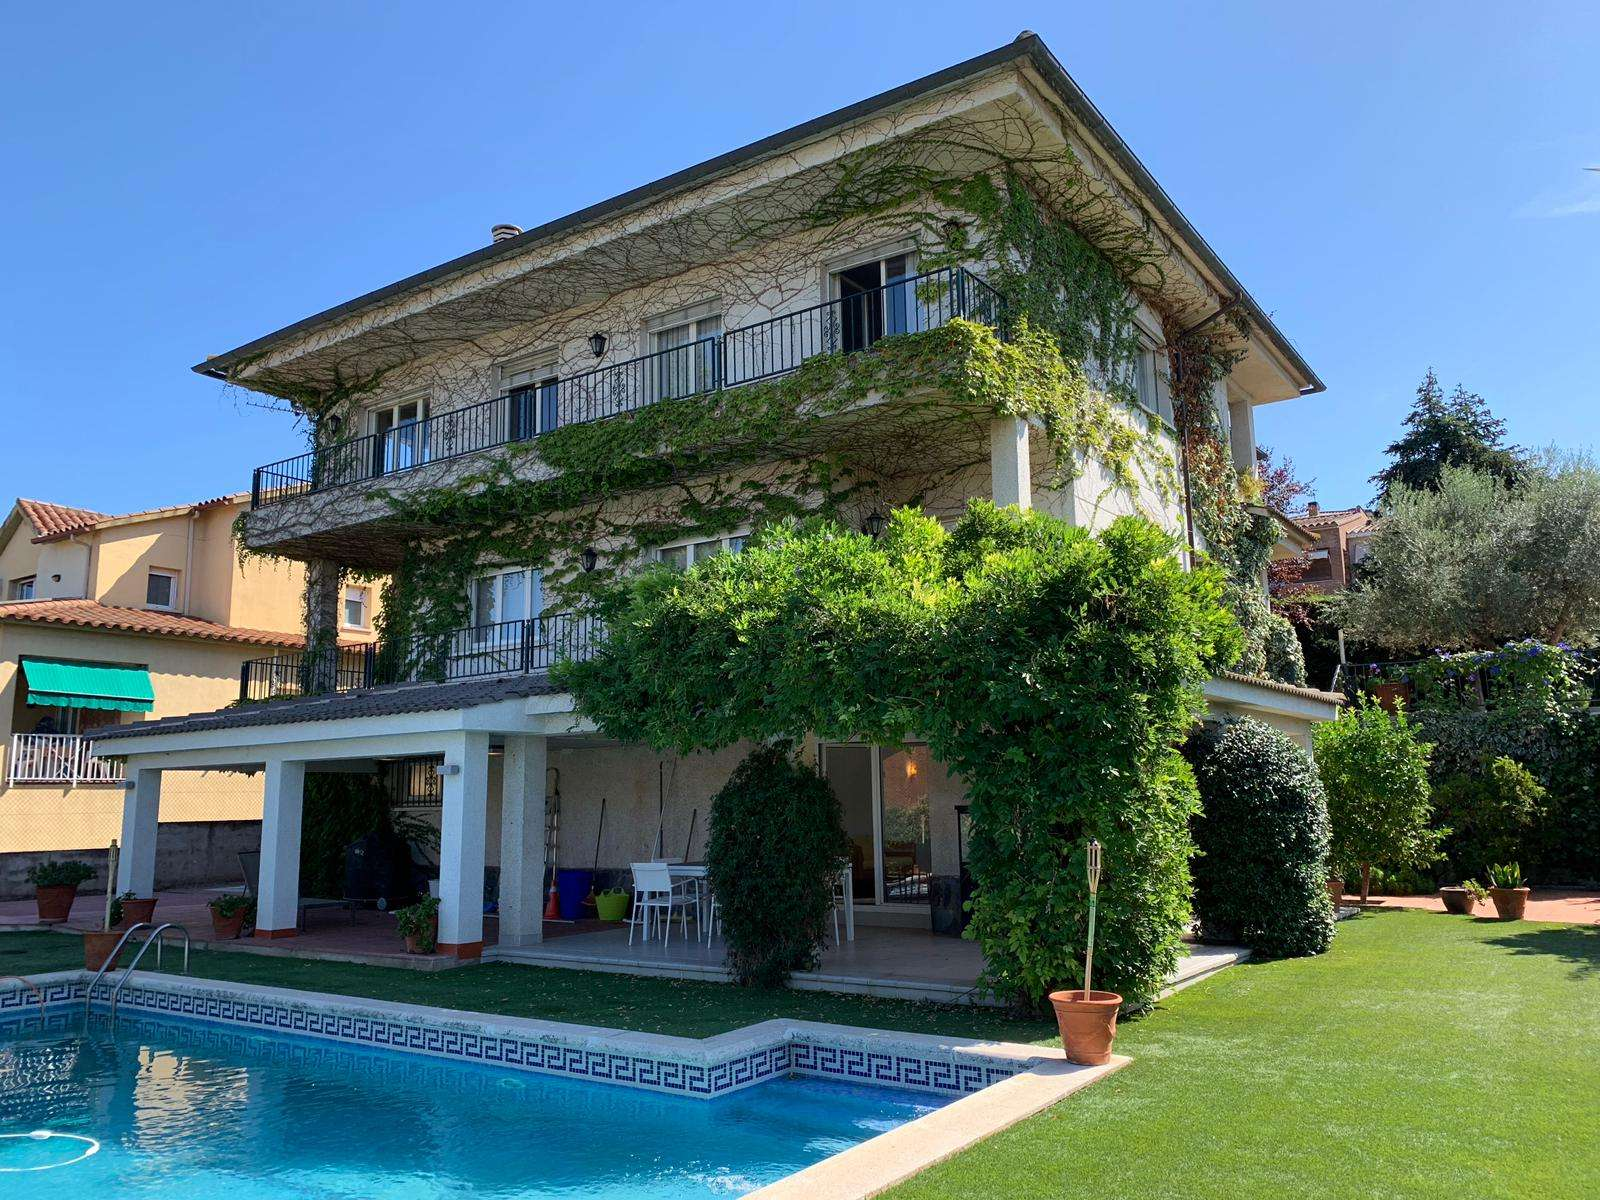 Magnifica casa en Girona